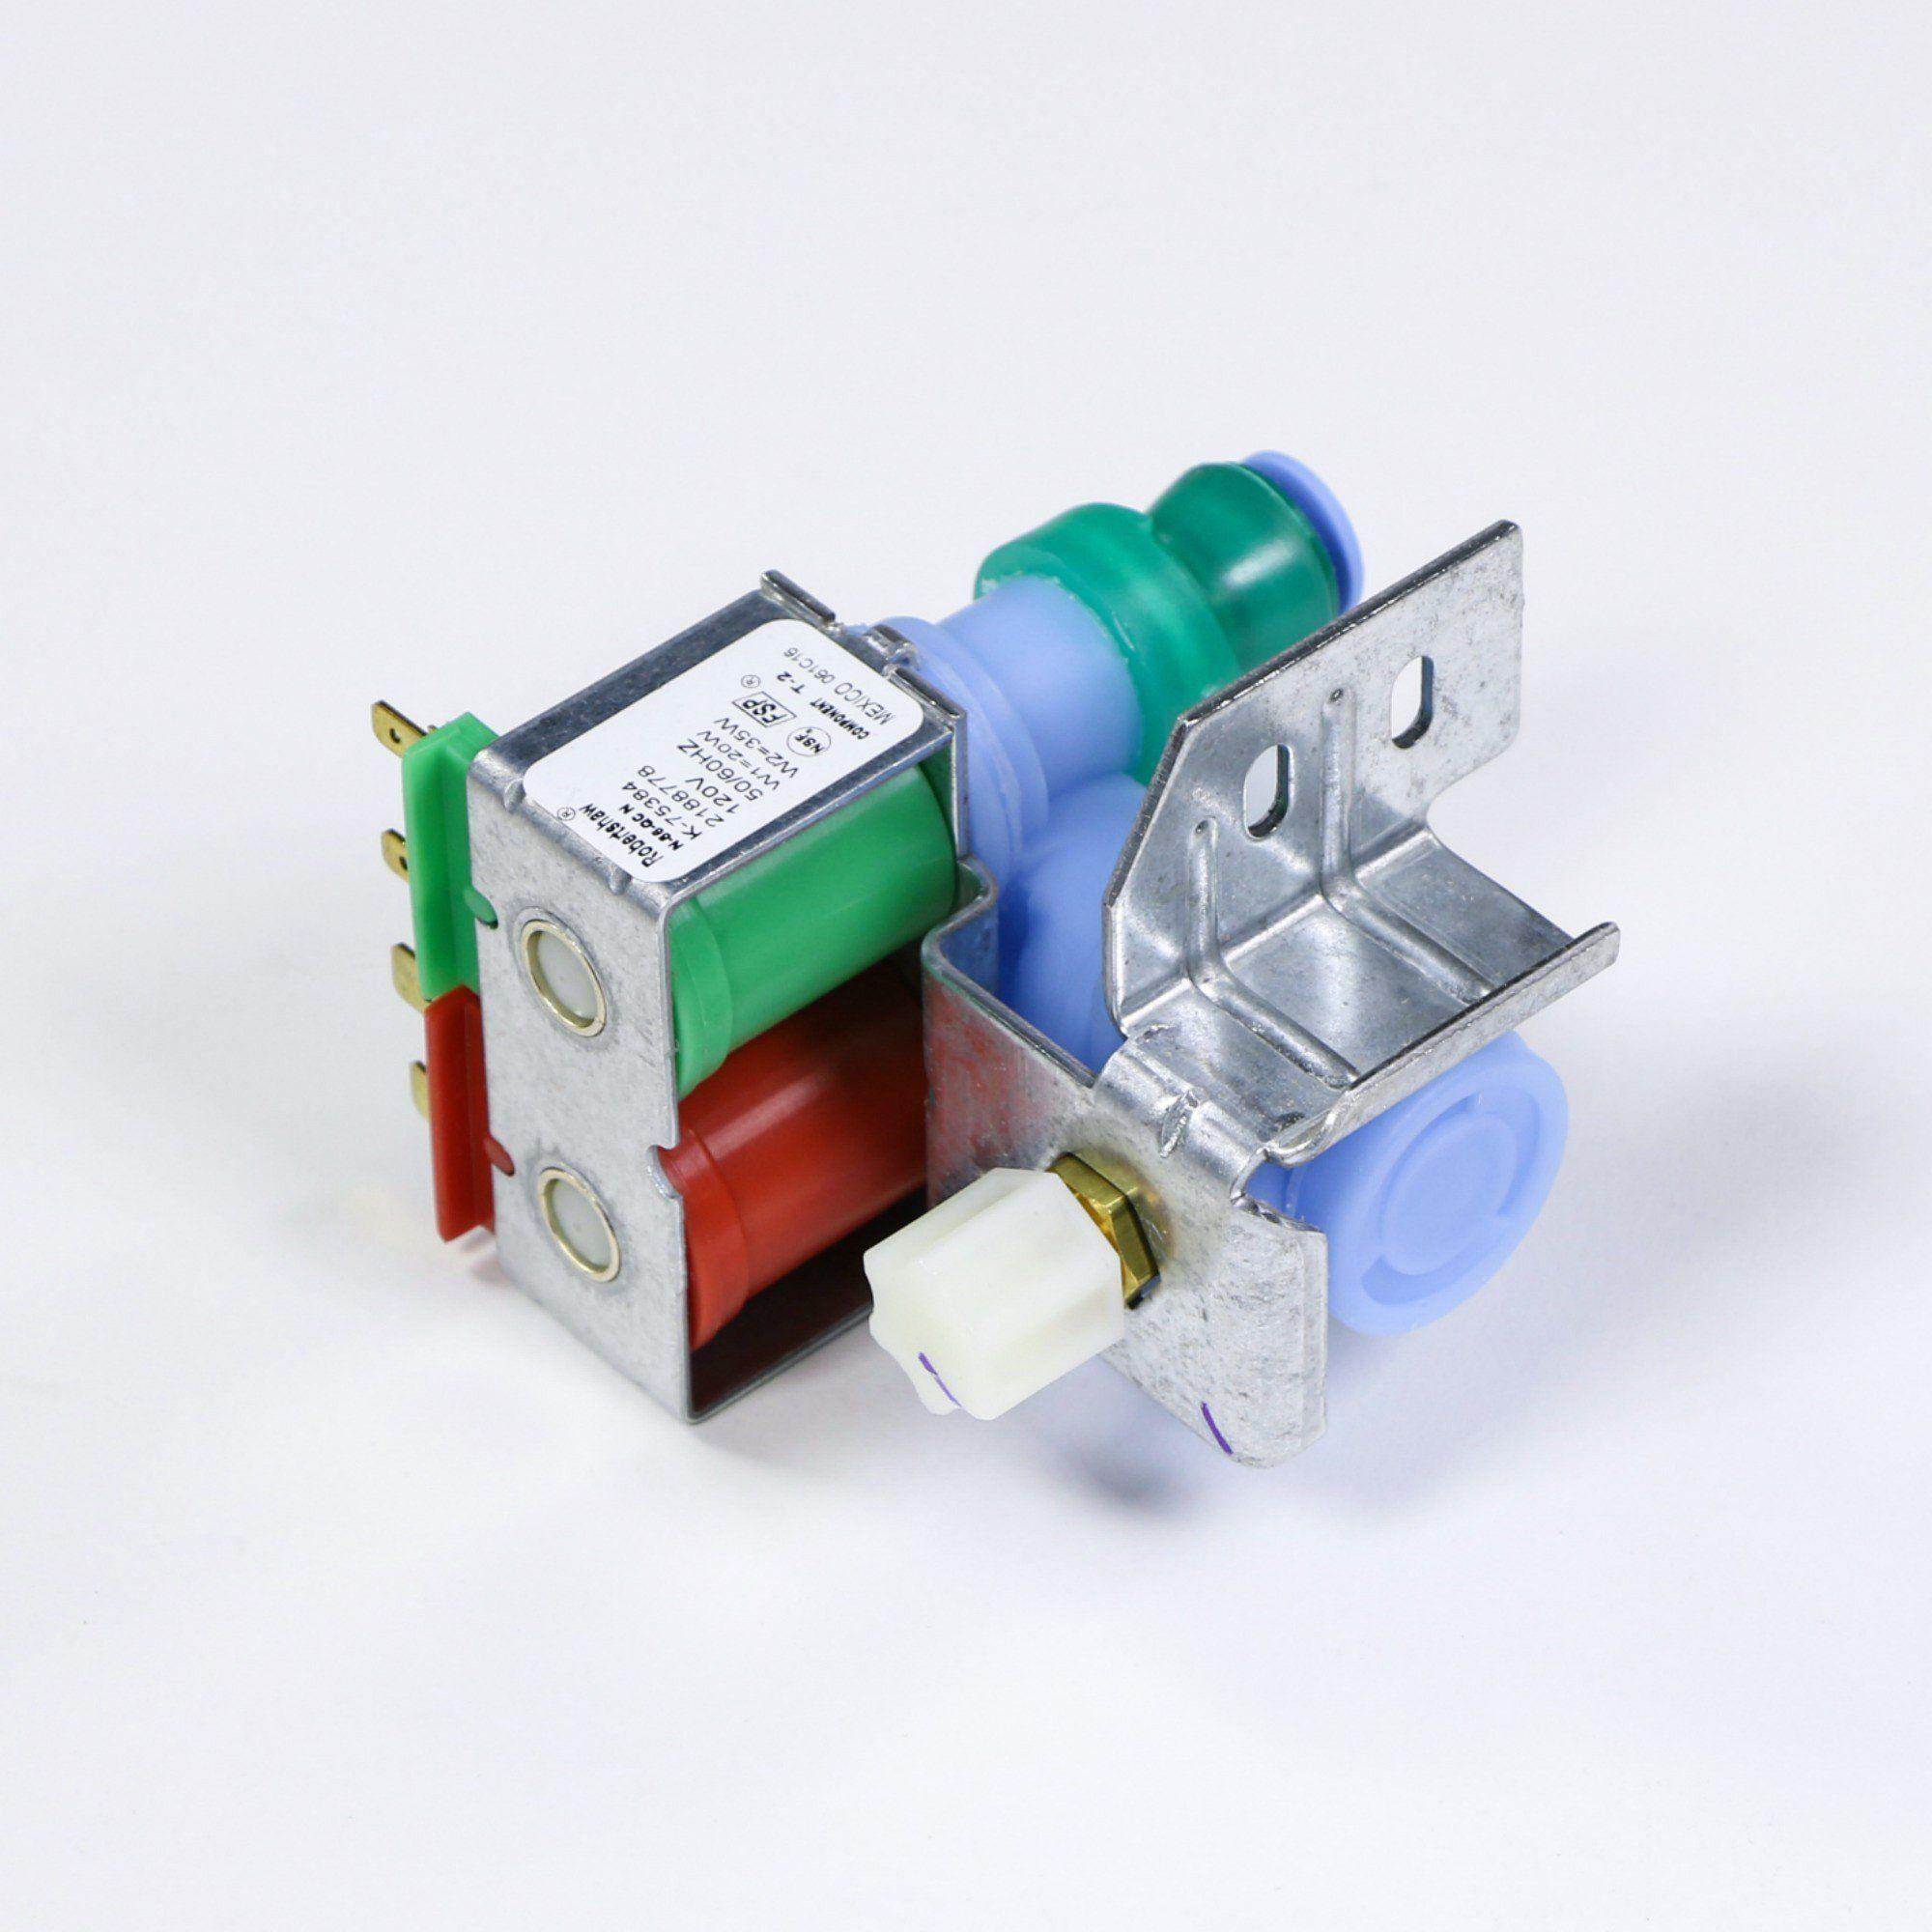 W10853654 Refrigerator Water Valve Inlet Valve Water Valves Valve